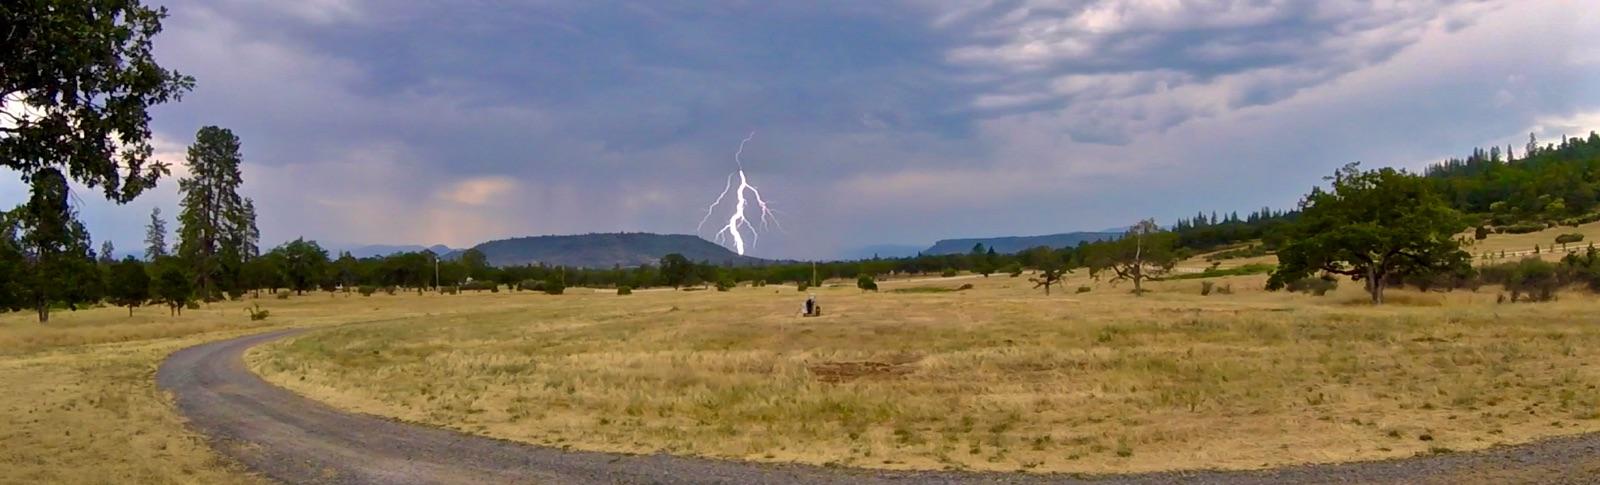 Lightening at Ranch!